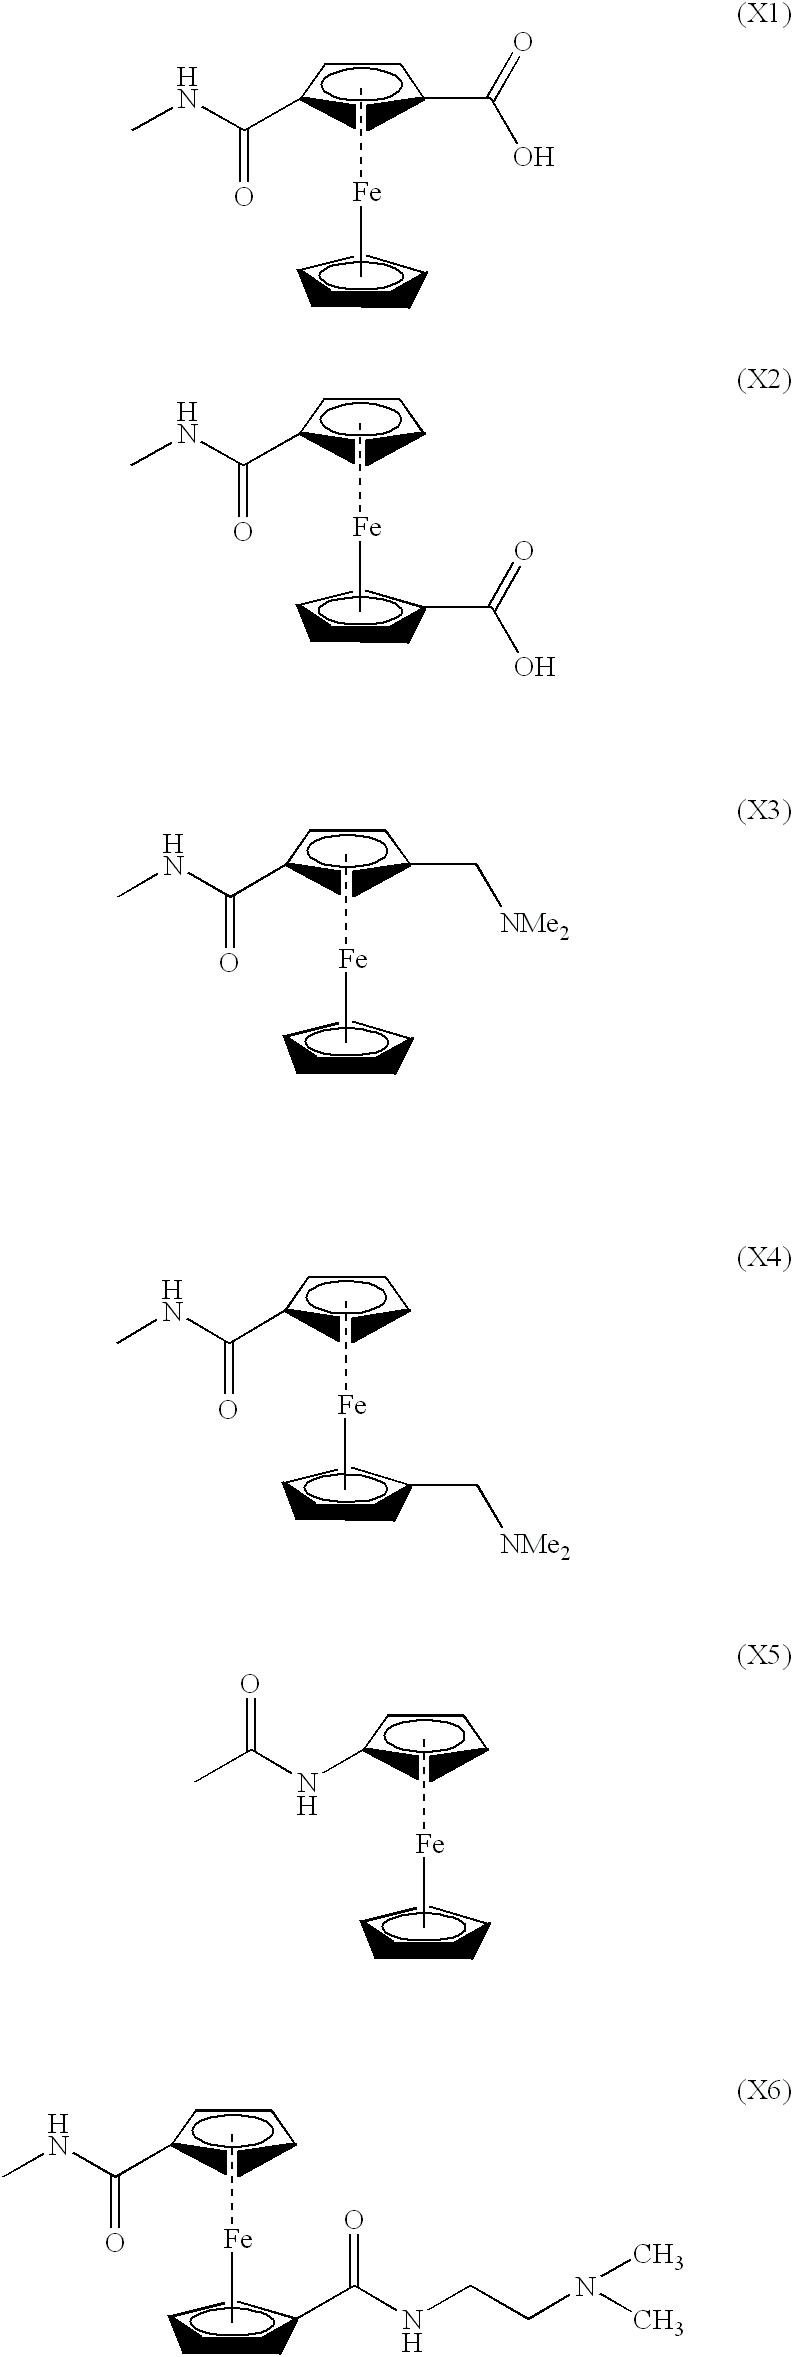 Figure US06399305-20020604-C00006